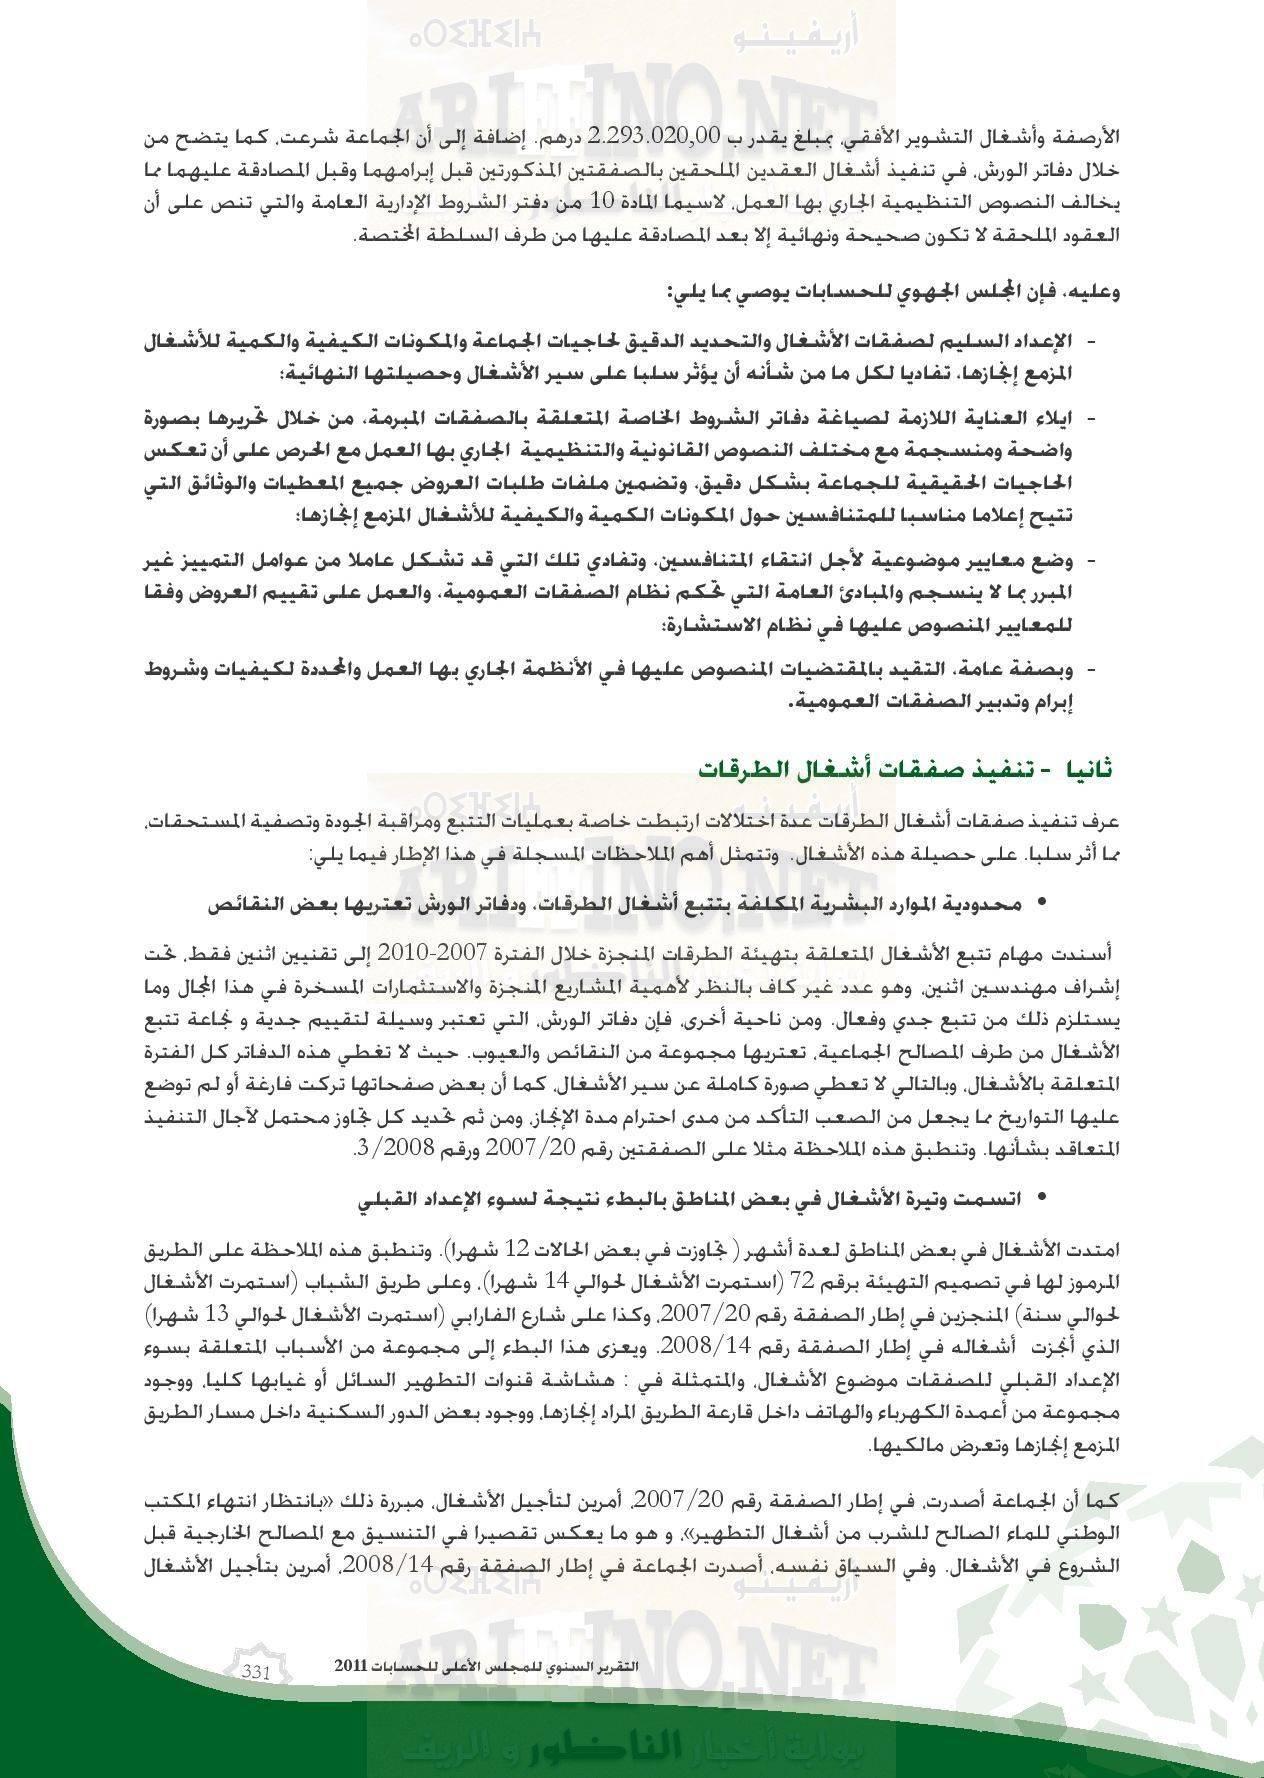 nador_0057 تقرير المجلس الاعلى للحسابات: بلدية الناظور تعيش إختلالات و عشوائية و عاجزة عن القيام بمهامها